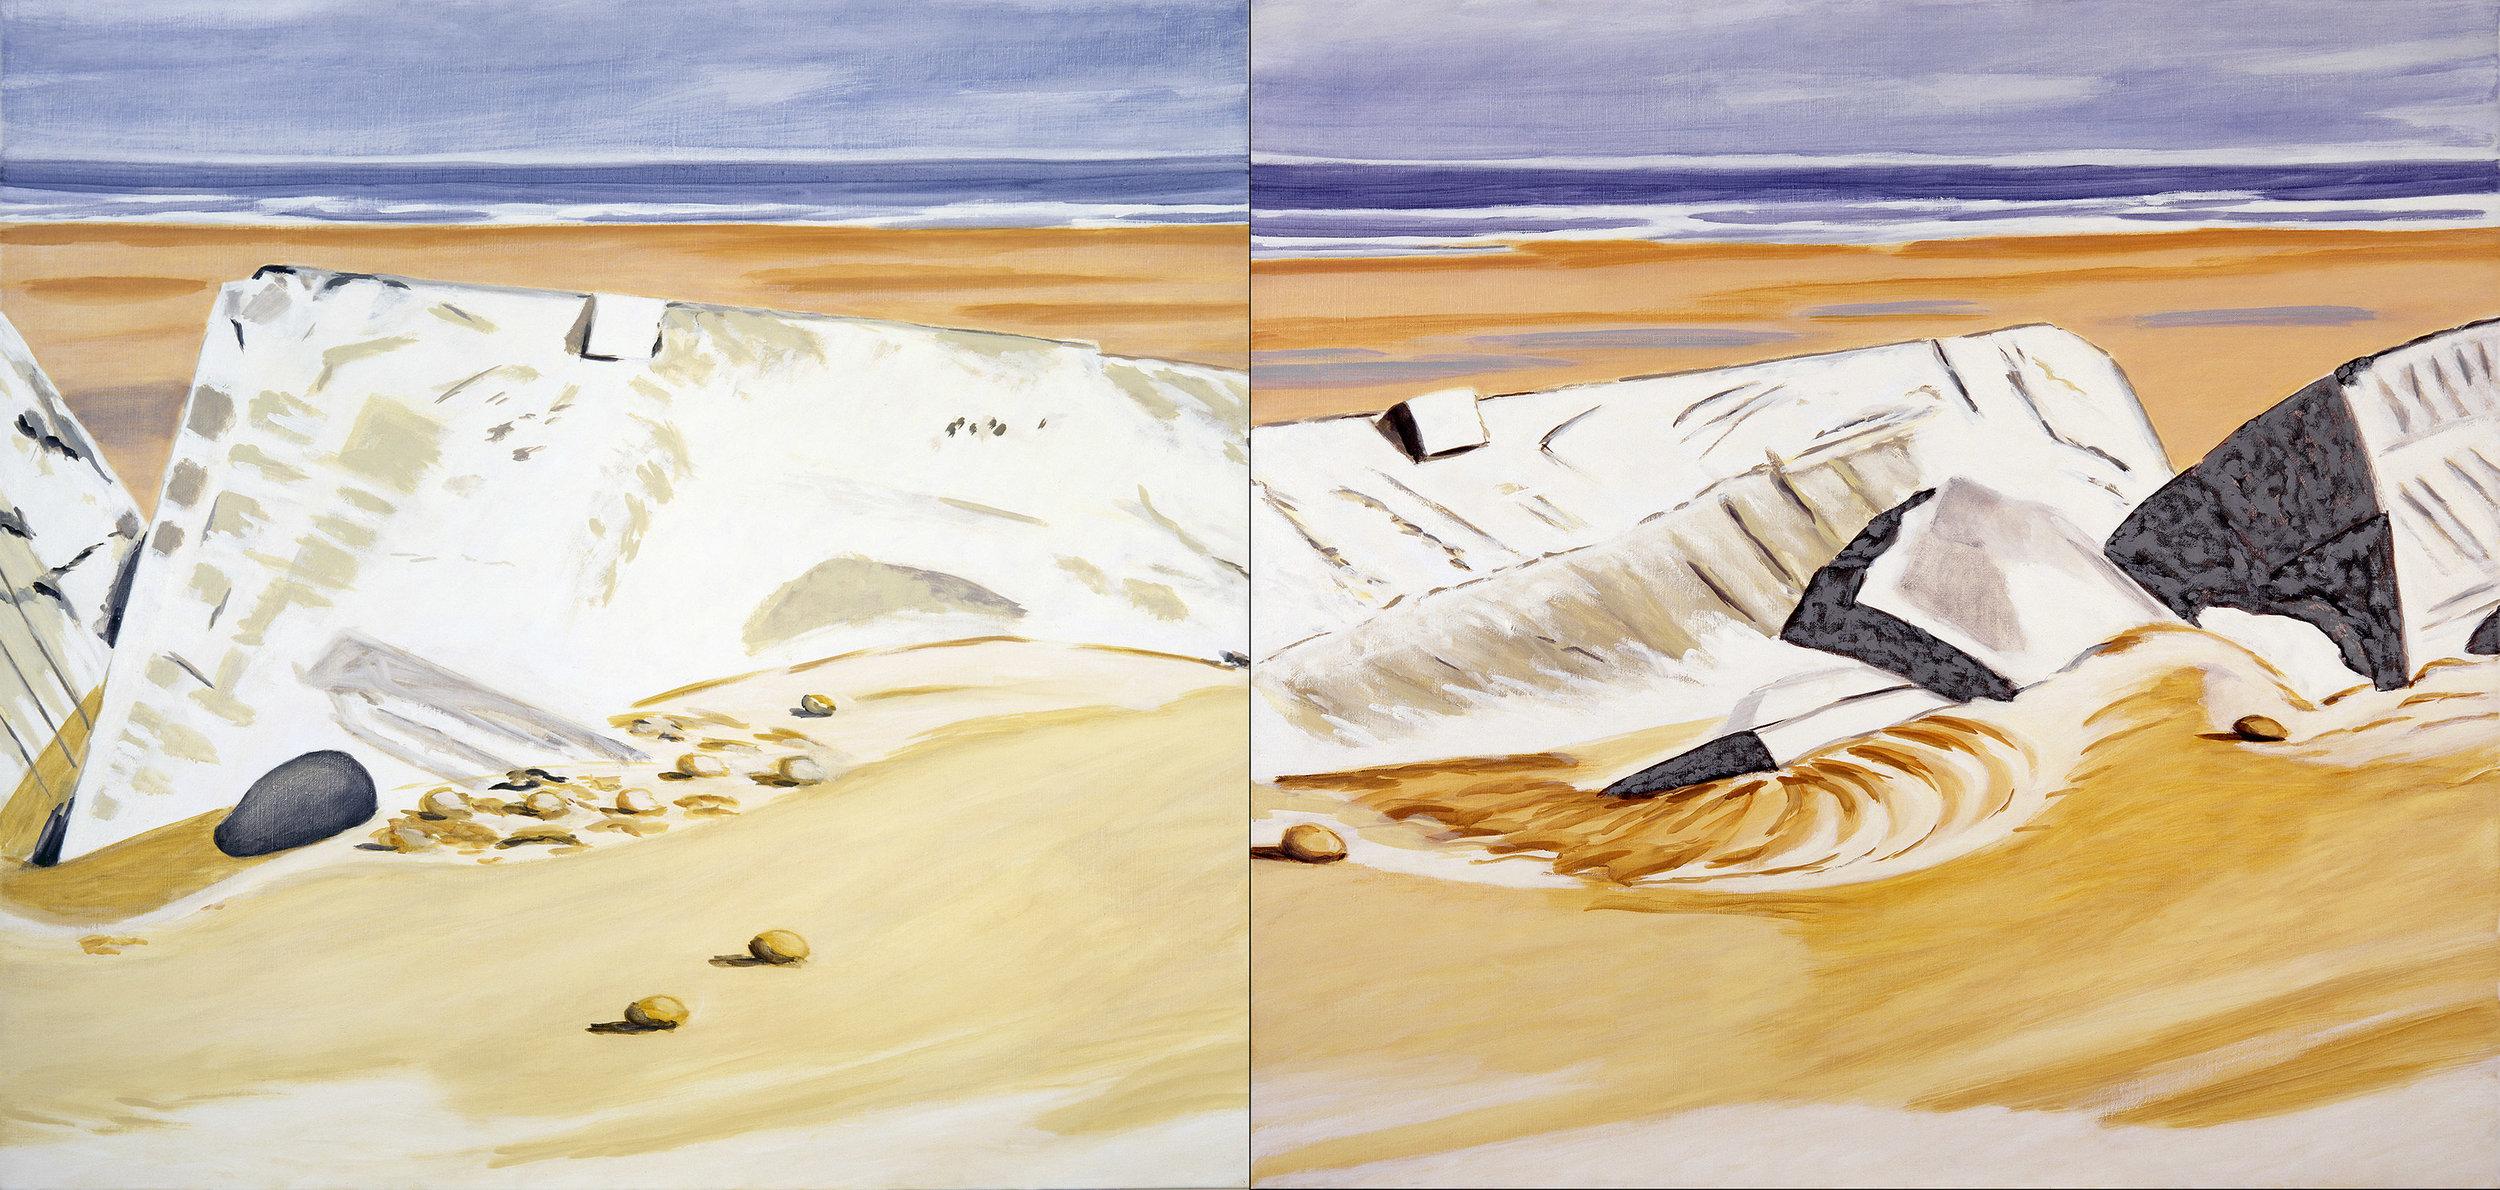 Fracture sur le Mur de l'Atlantique, 1996